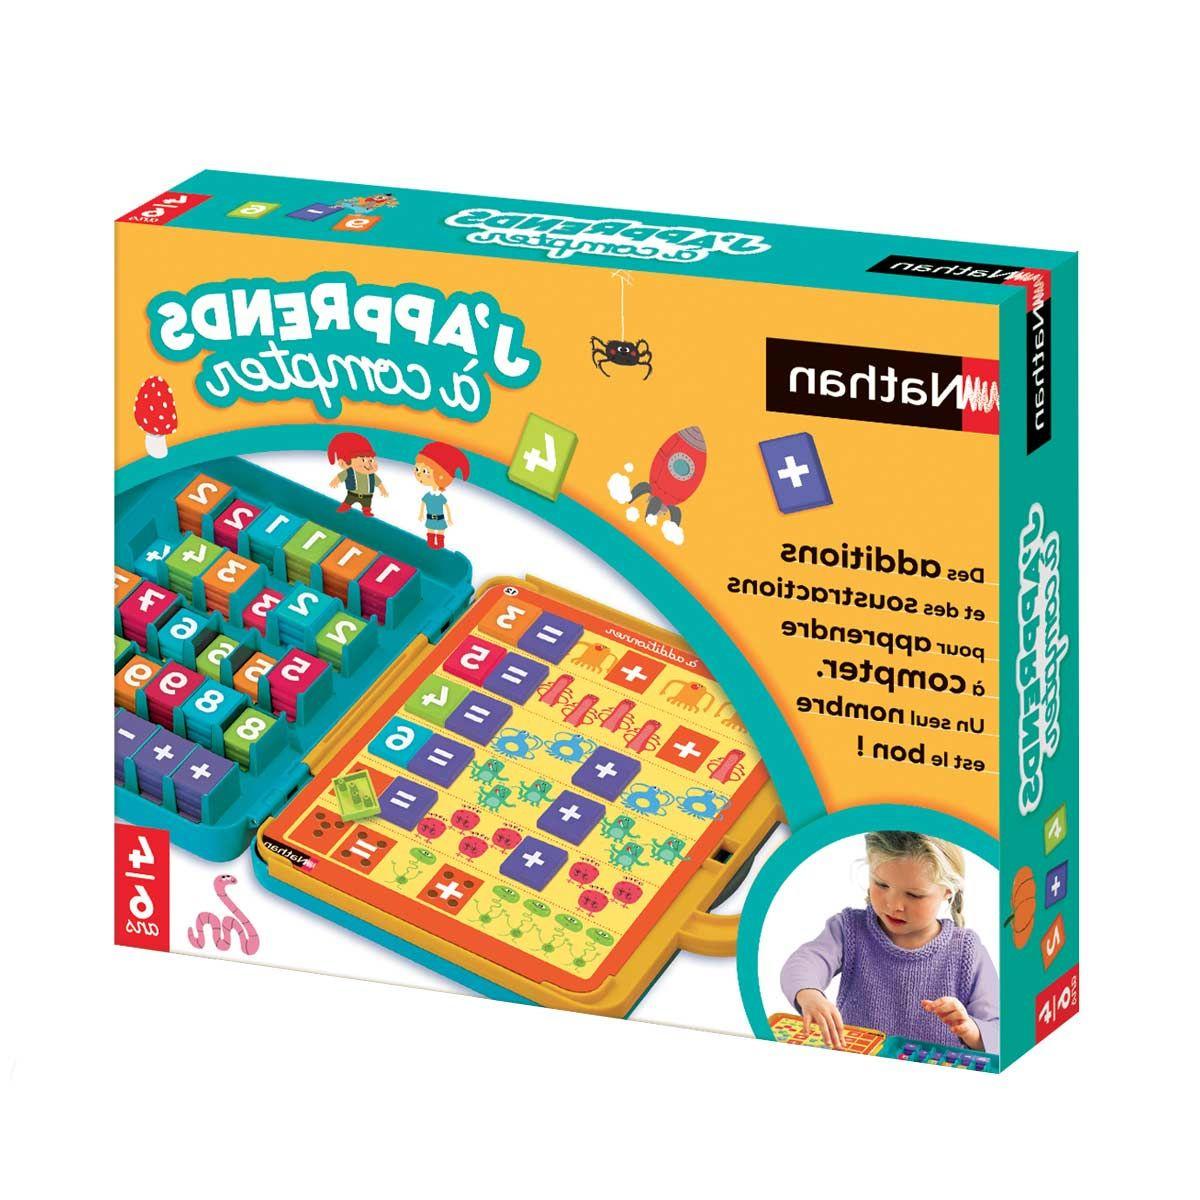 Jeux Educatif 2 Ans Gratuit - PrimaNYC.com